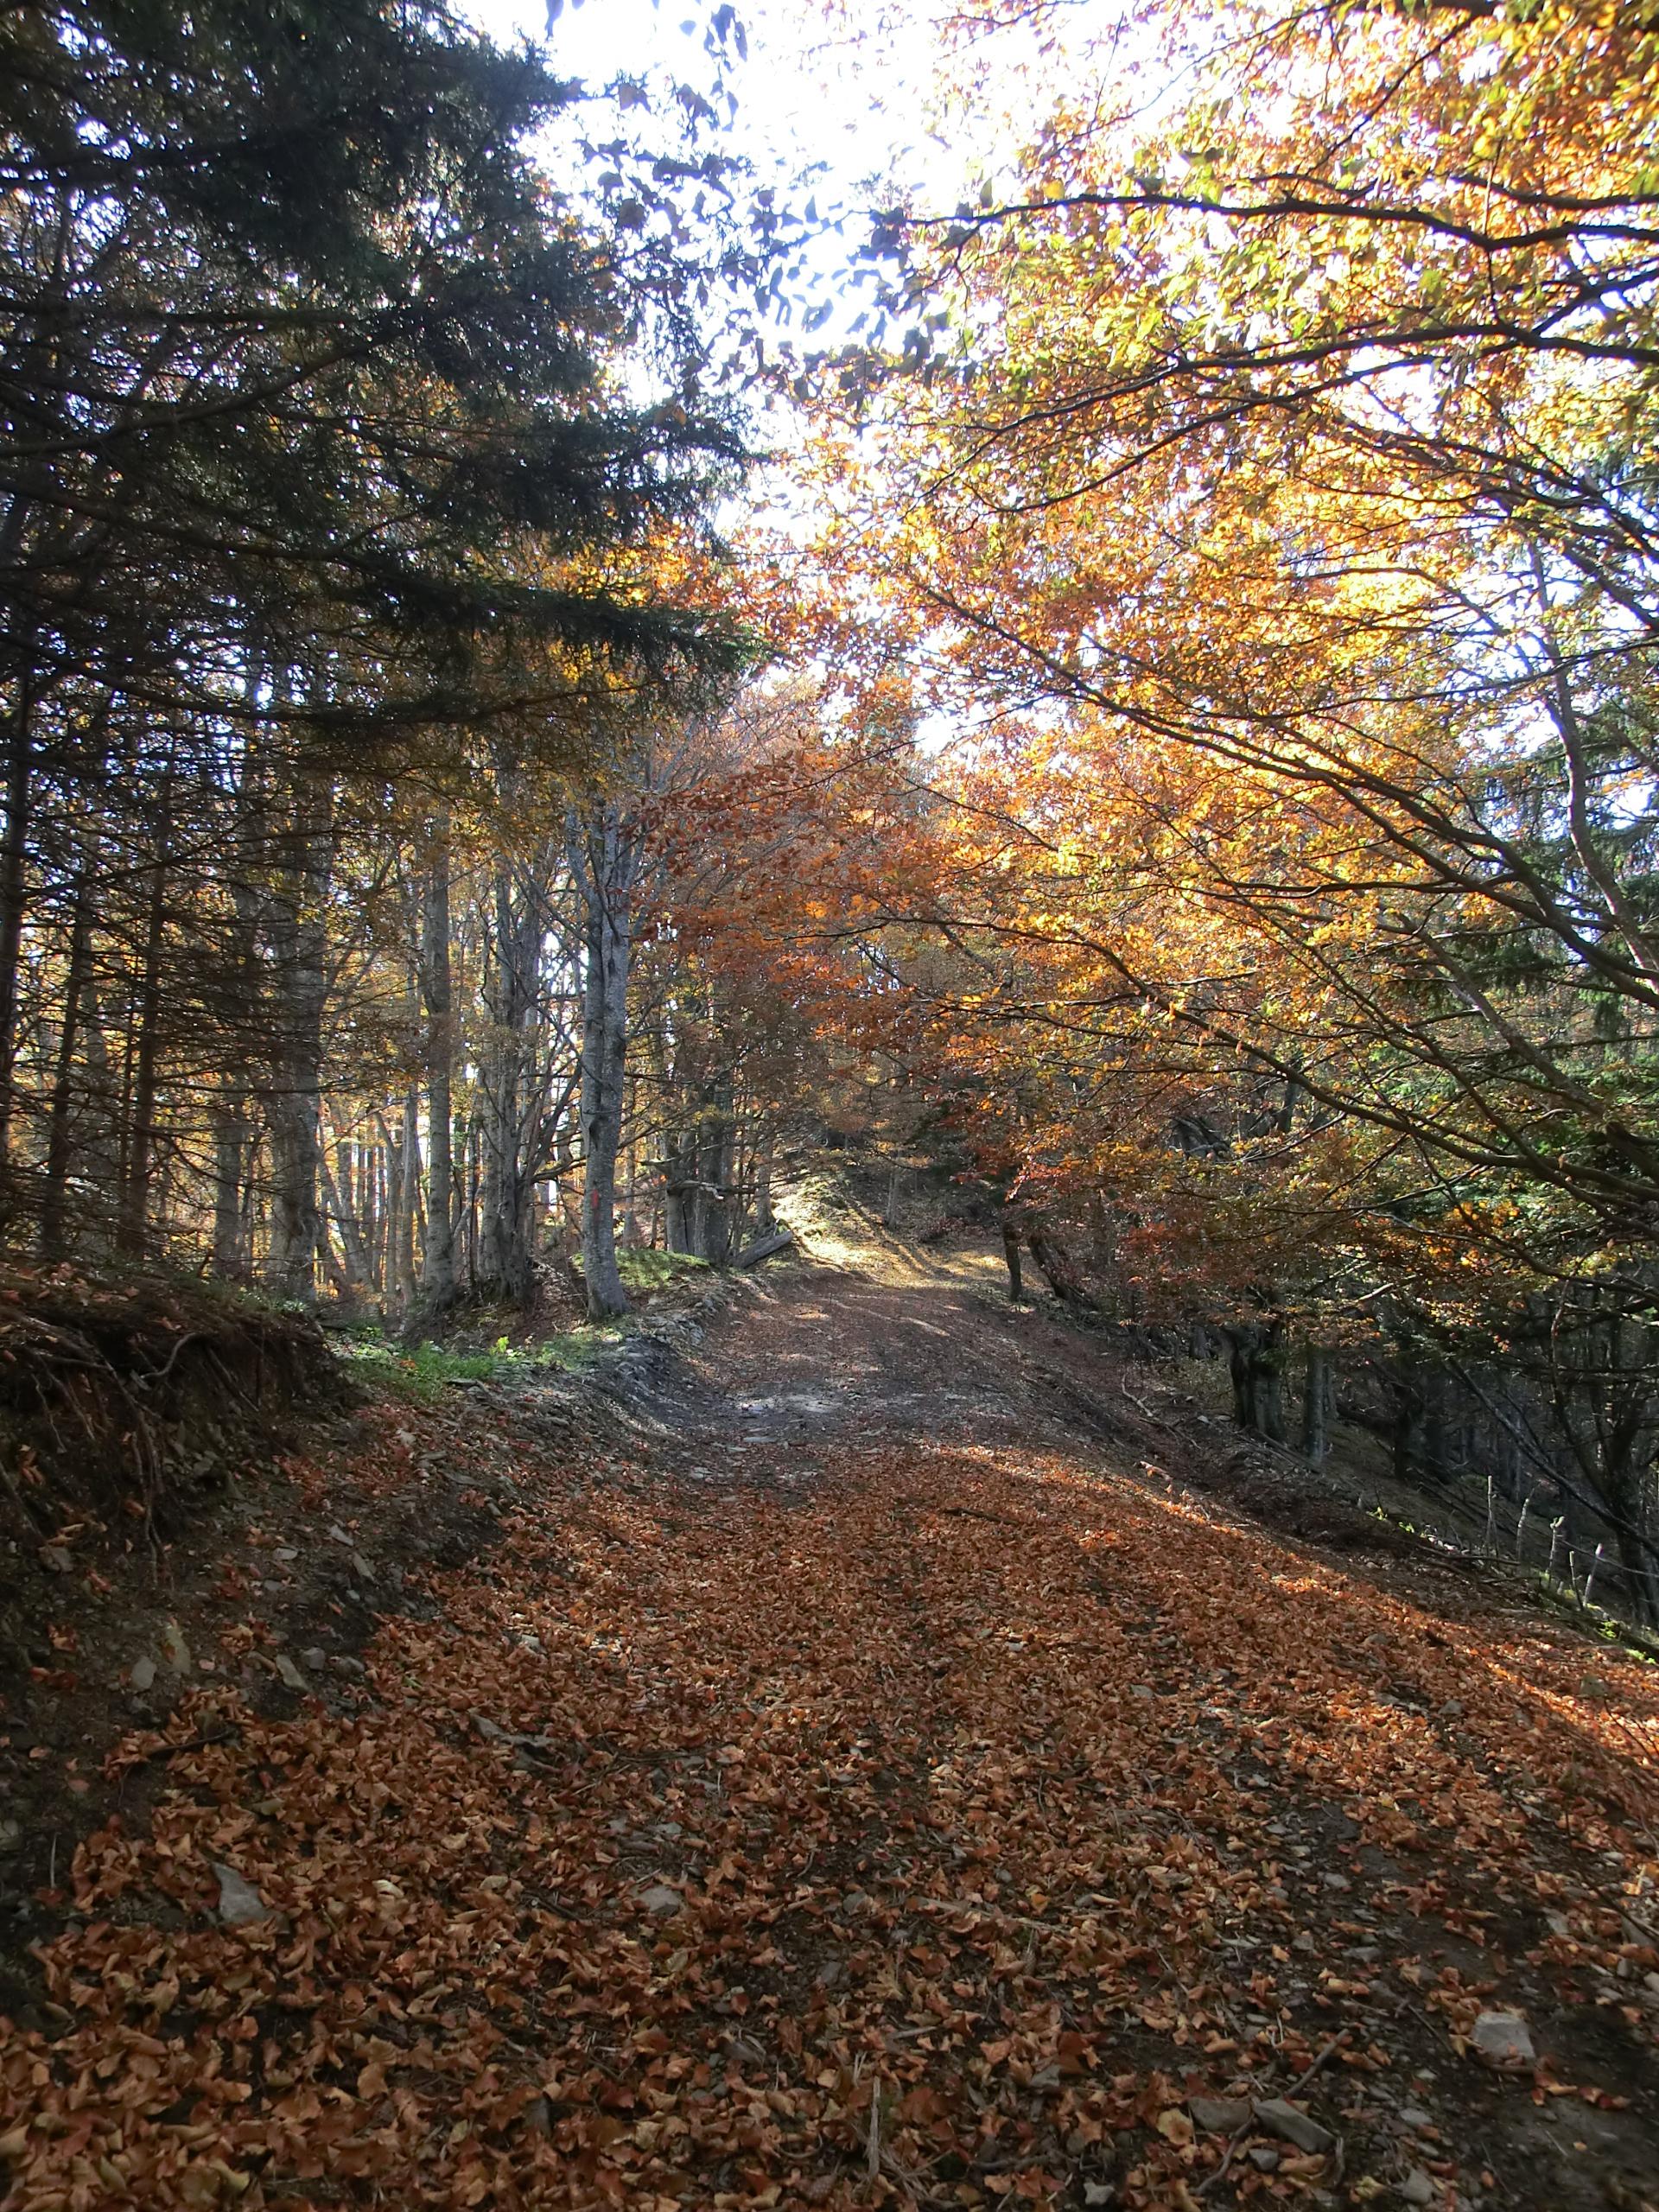 221 - 13.10.2013 - Pe drumul forestier - Tură Muntele Coza